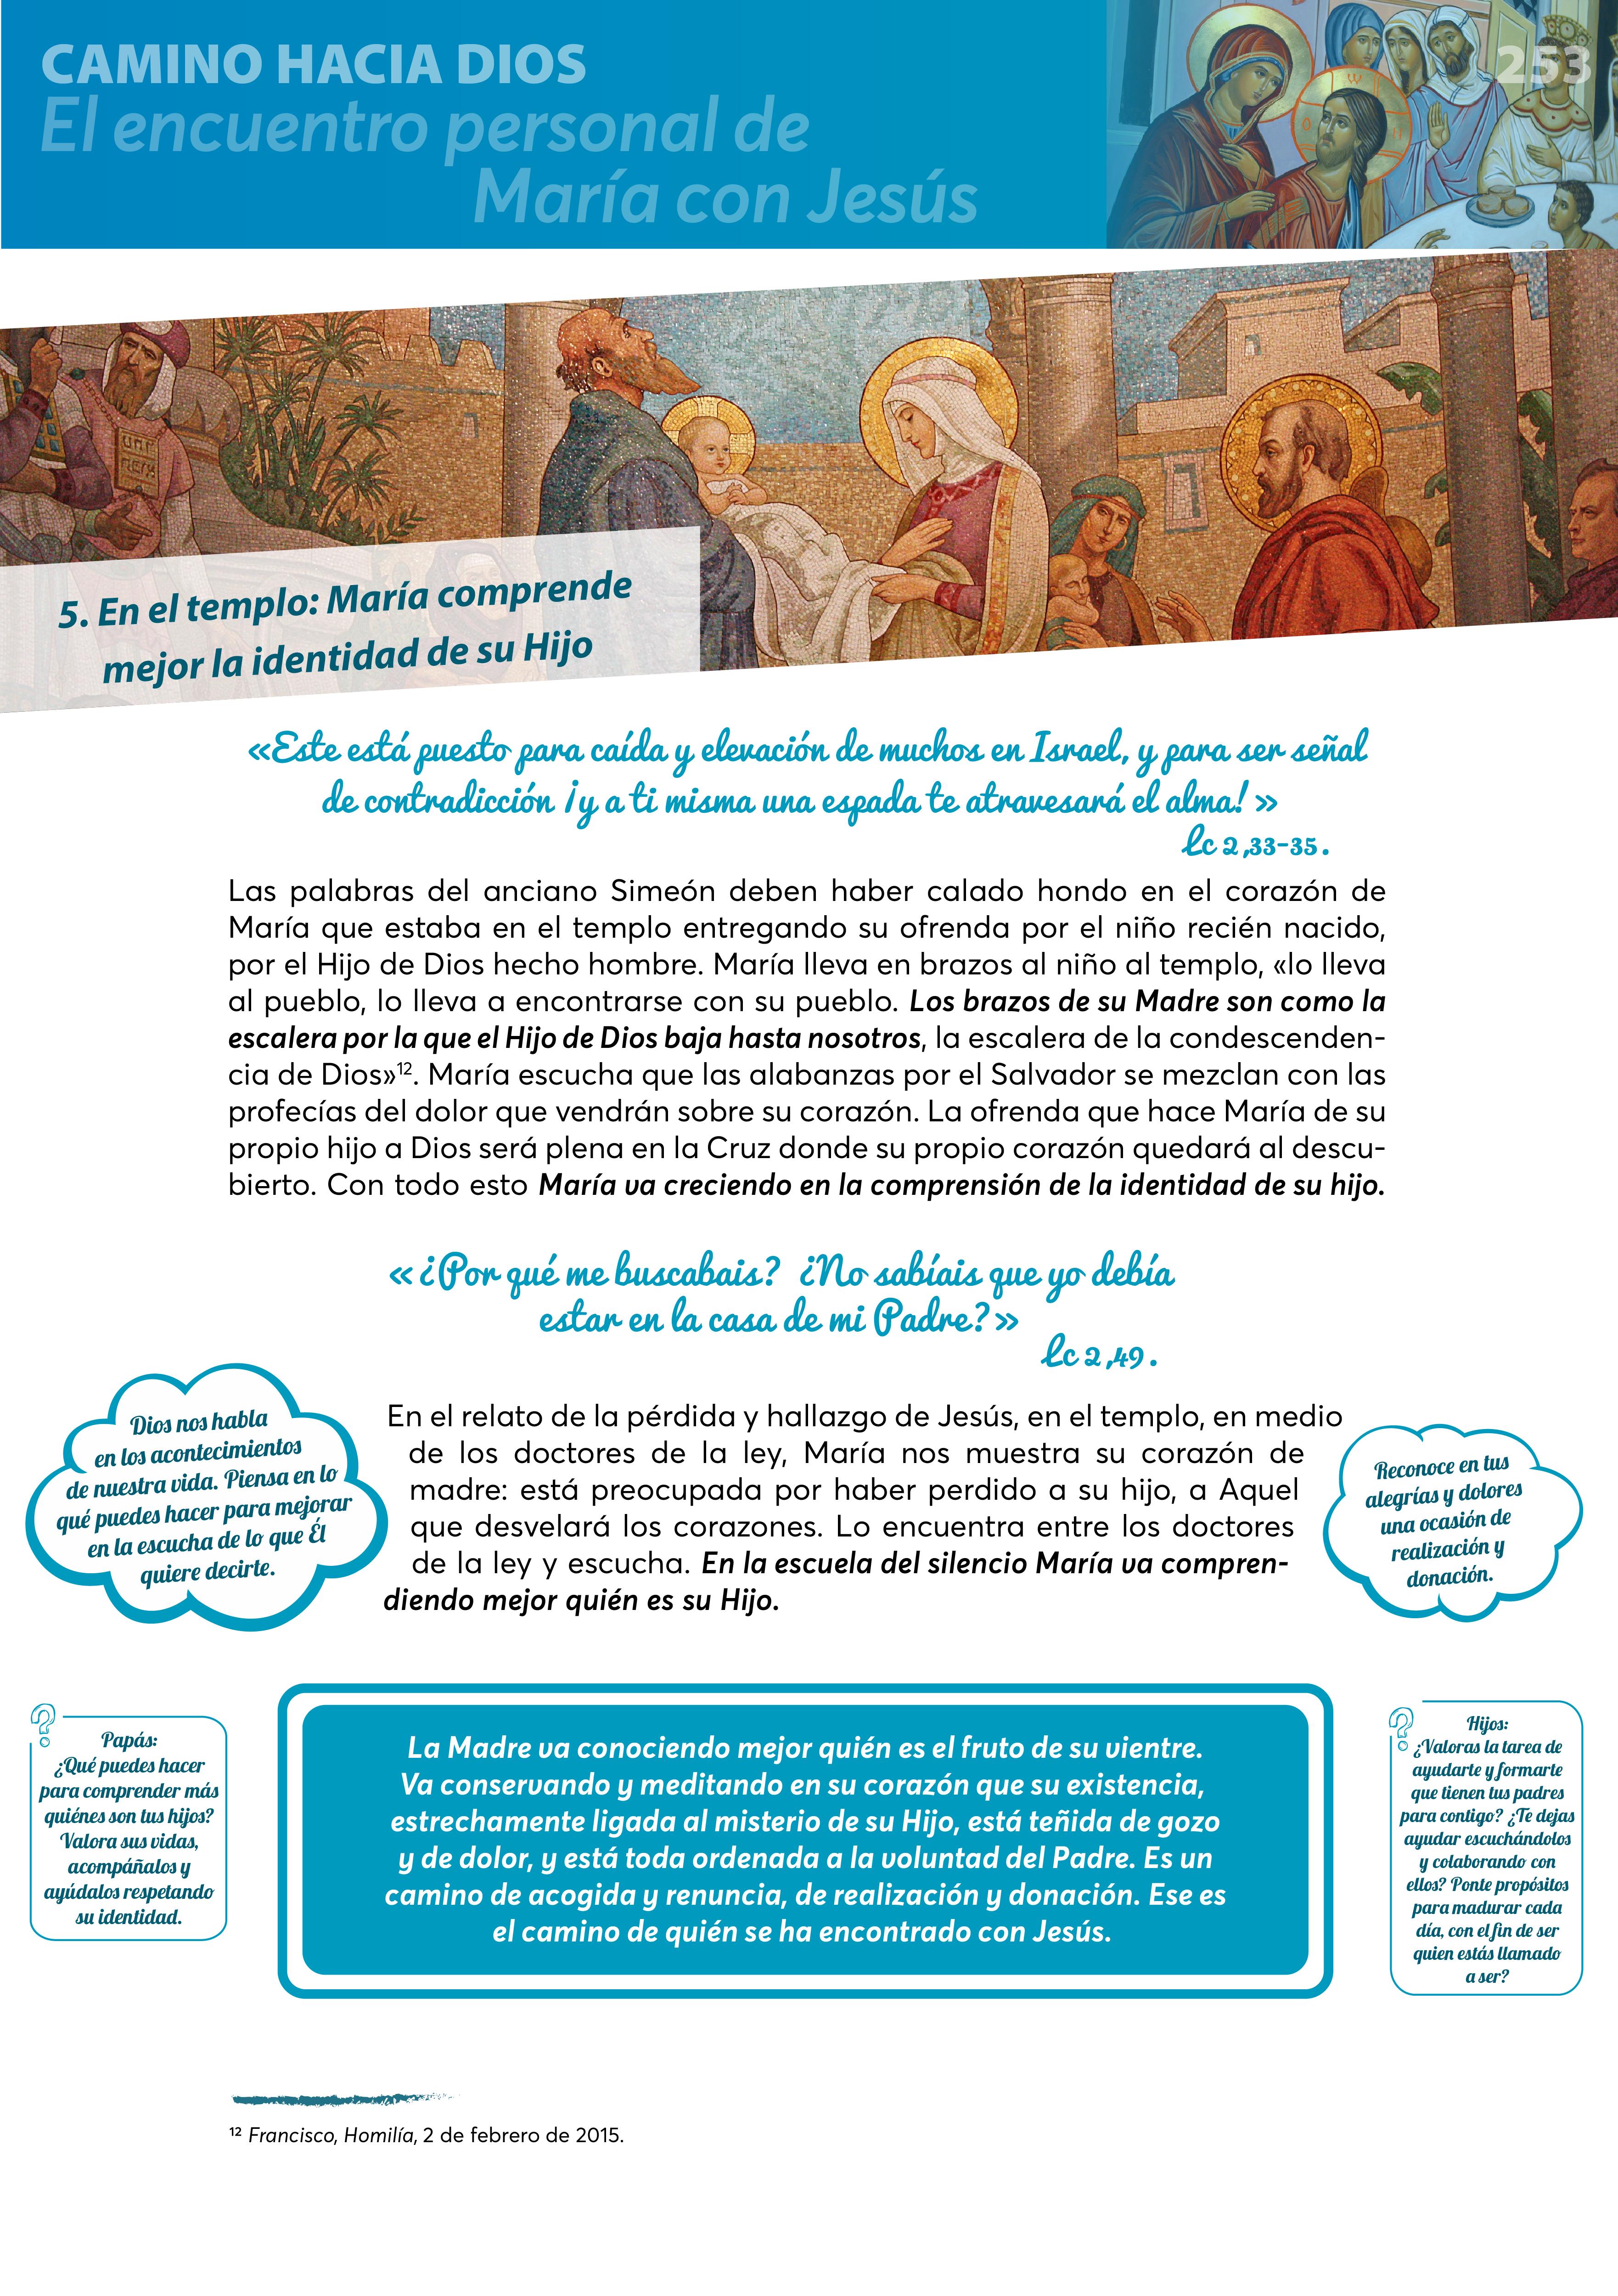 CHD 253 Encuentro de María con Jesús-05